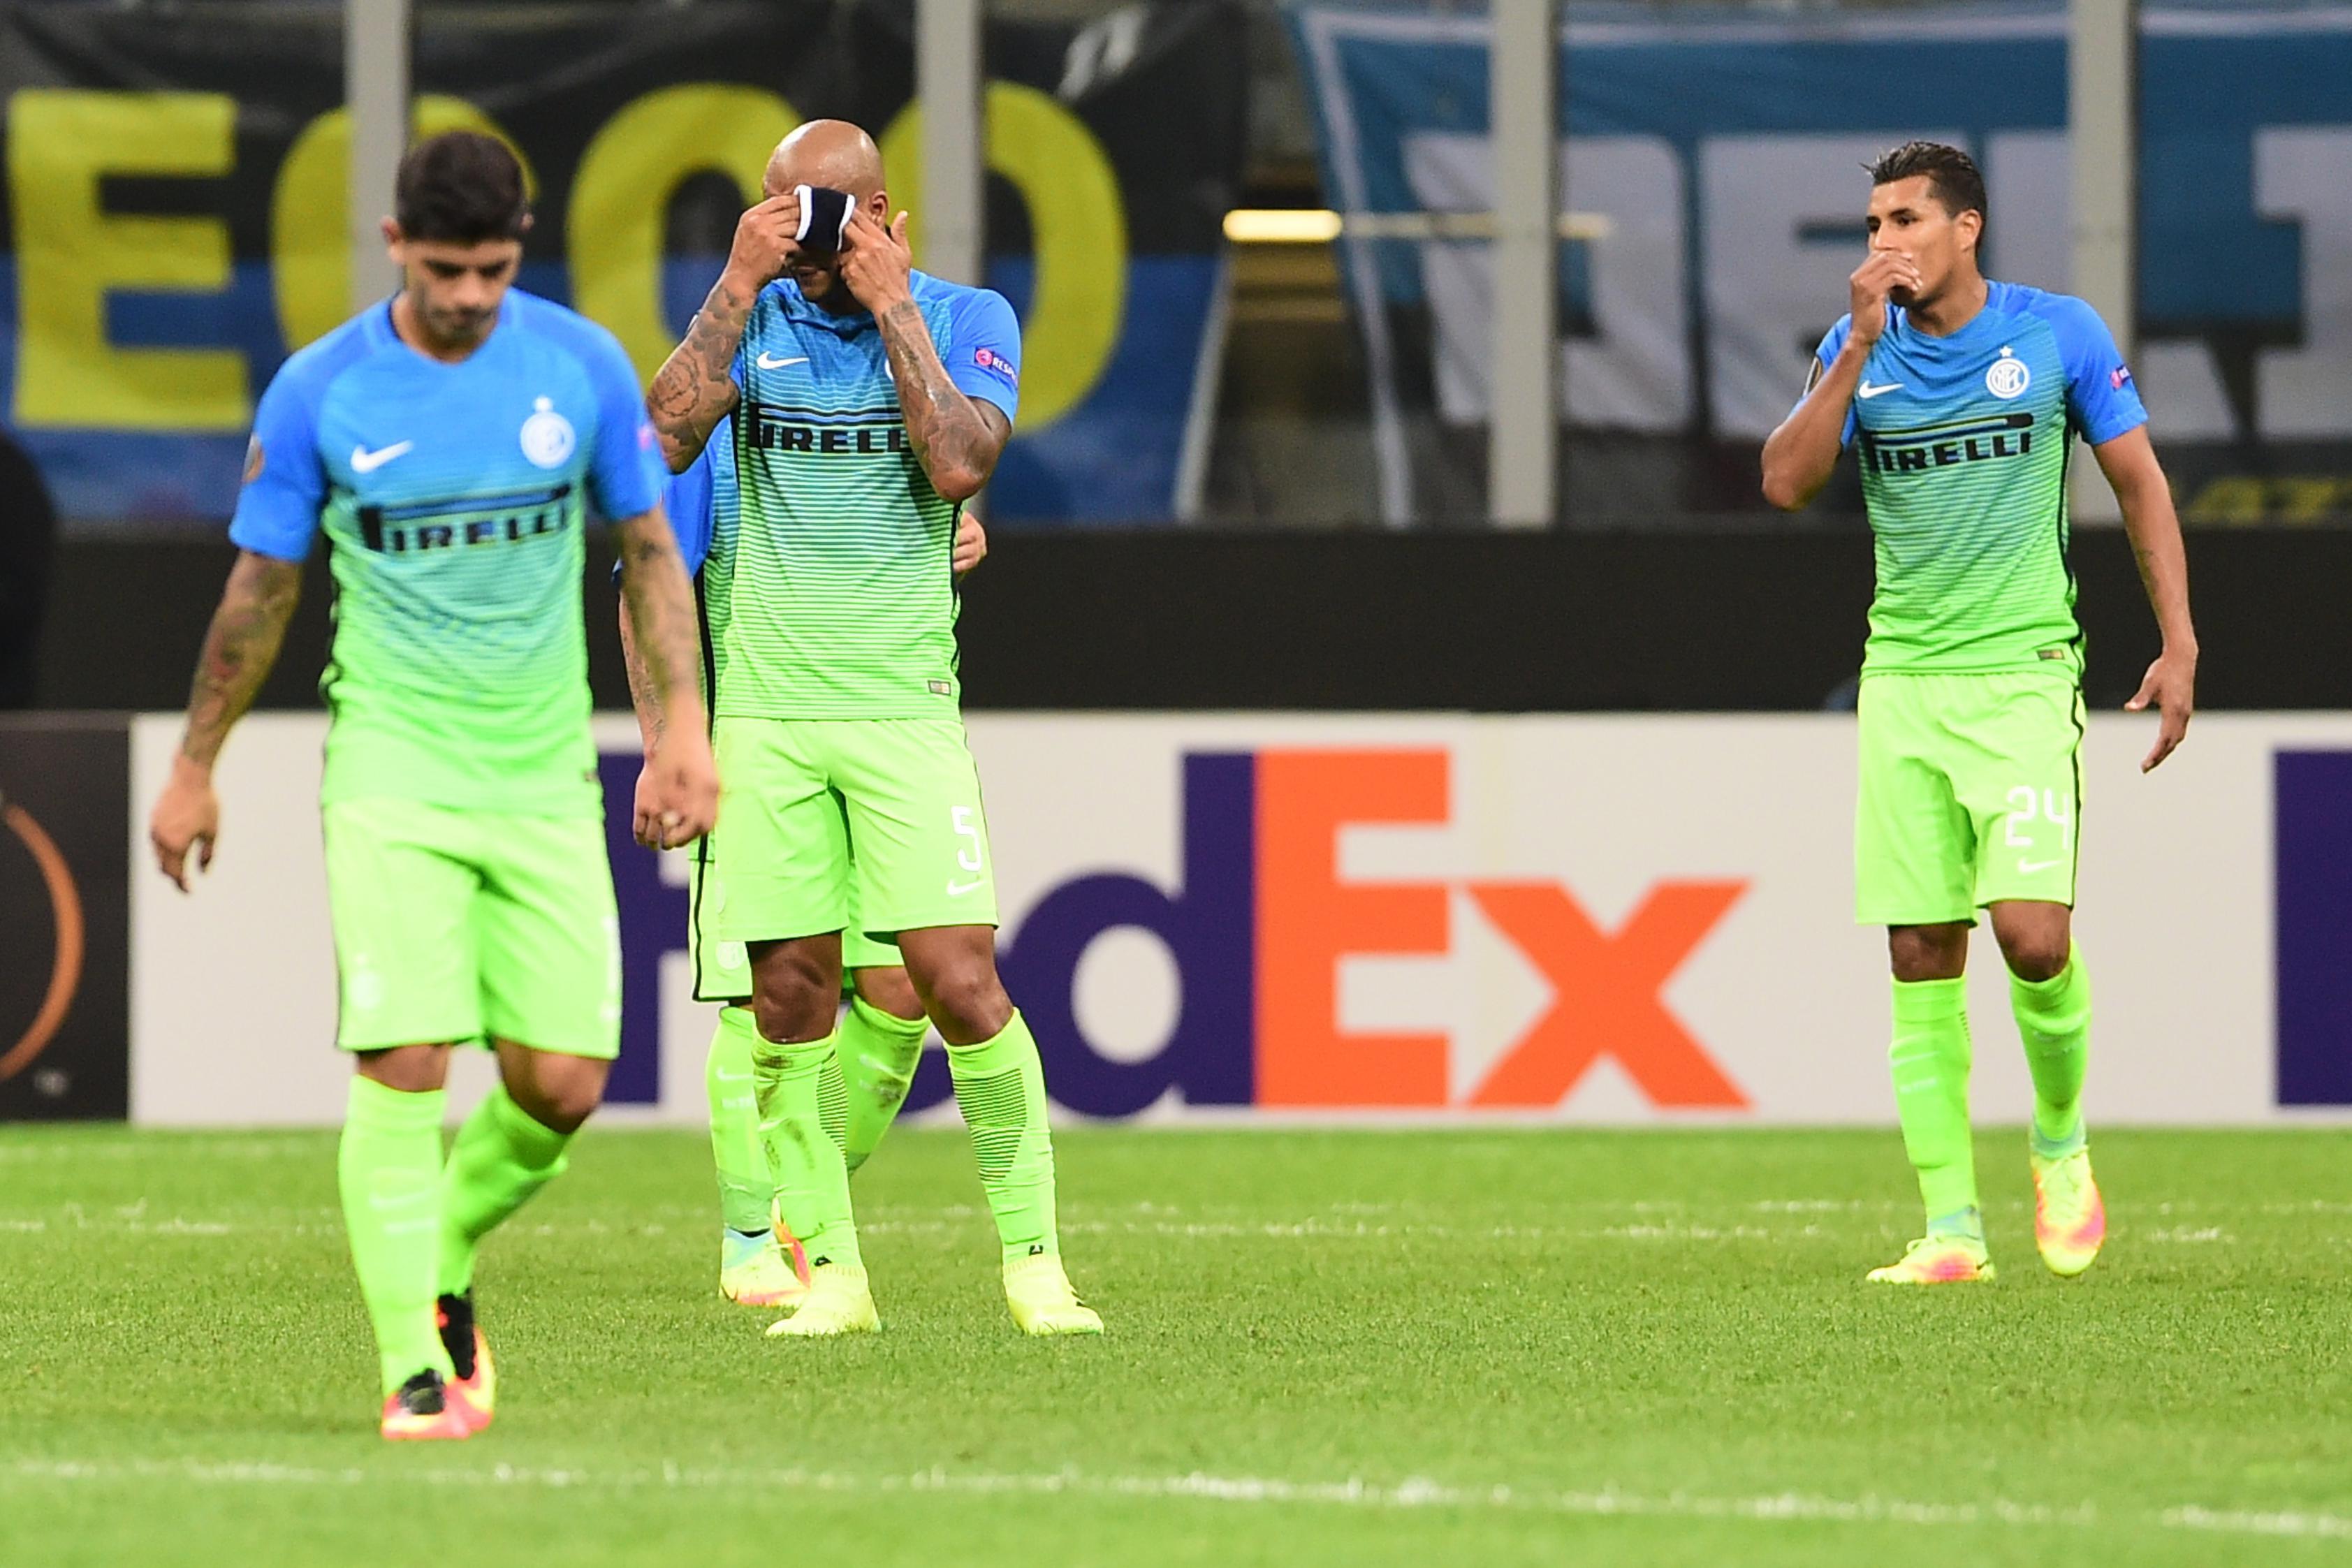 Europa League, tonfo Inter contro l'Hapoel, 0-0 tra Fiorentina e Paok